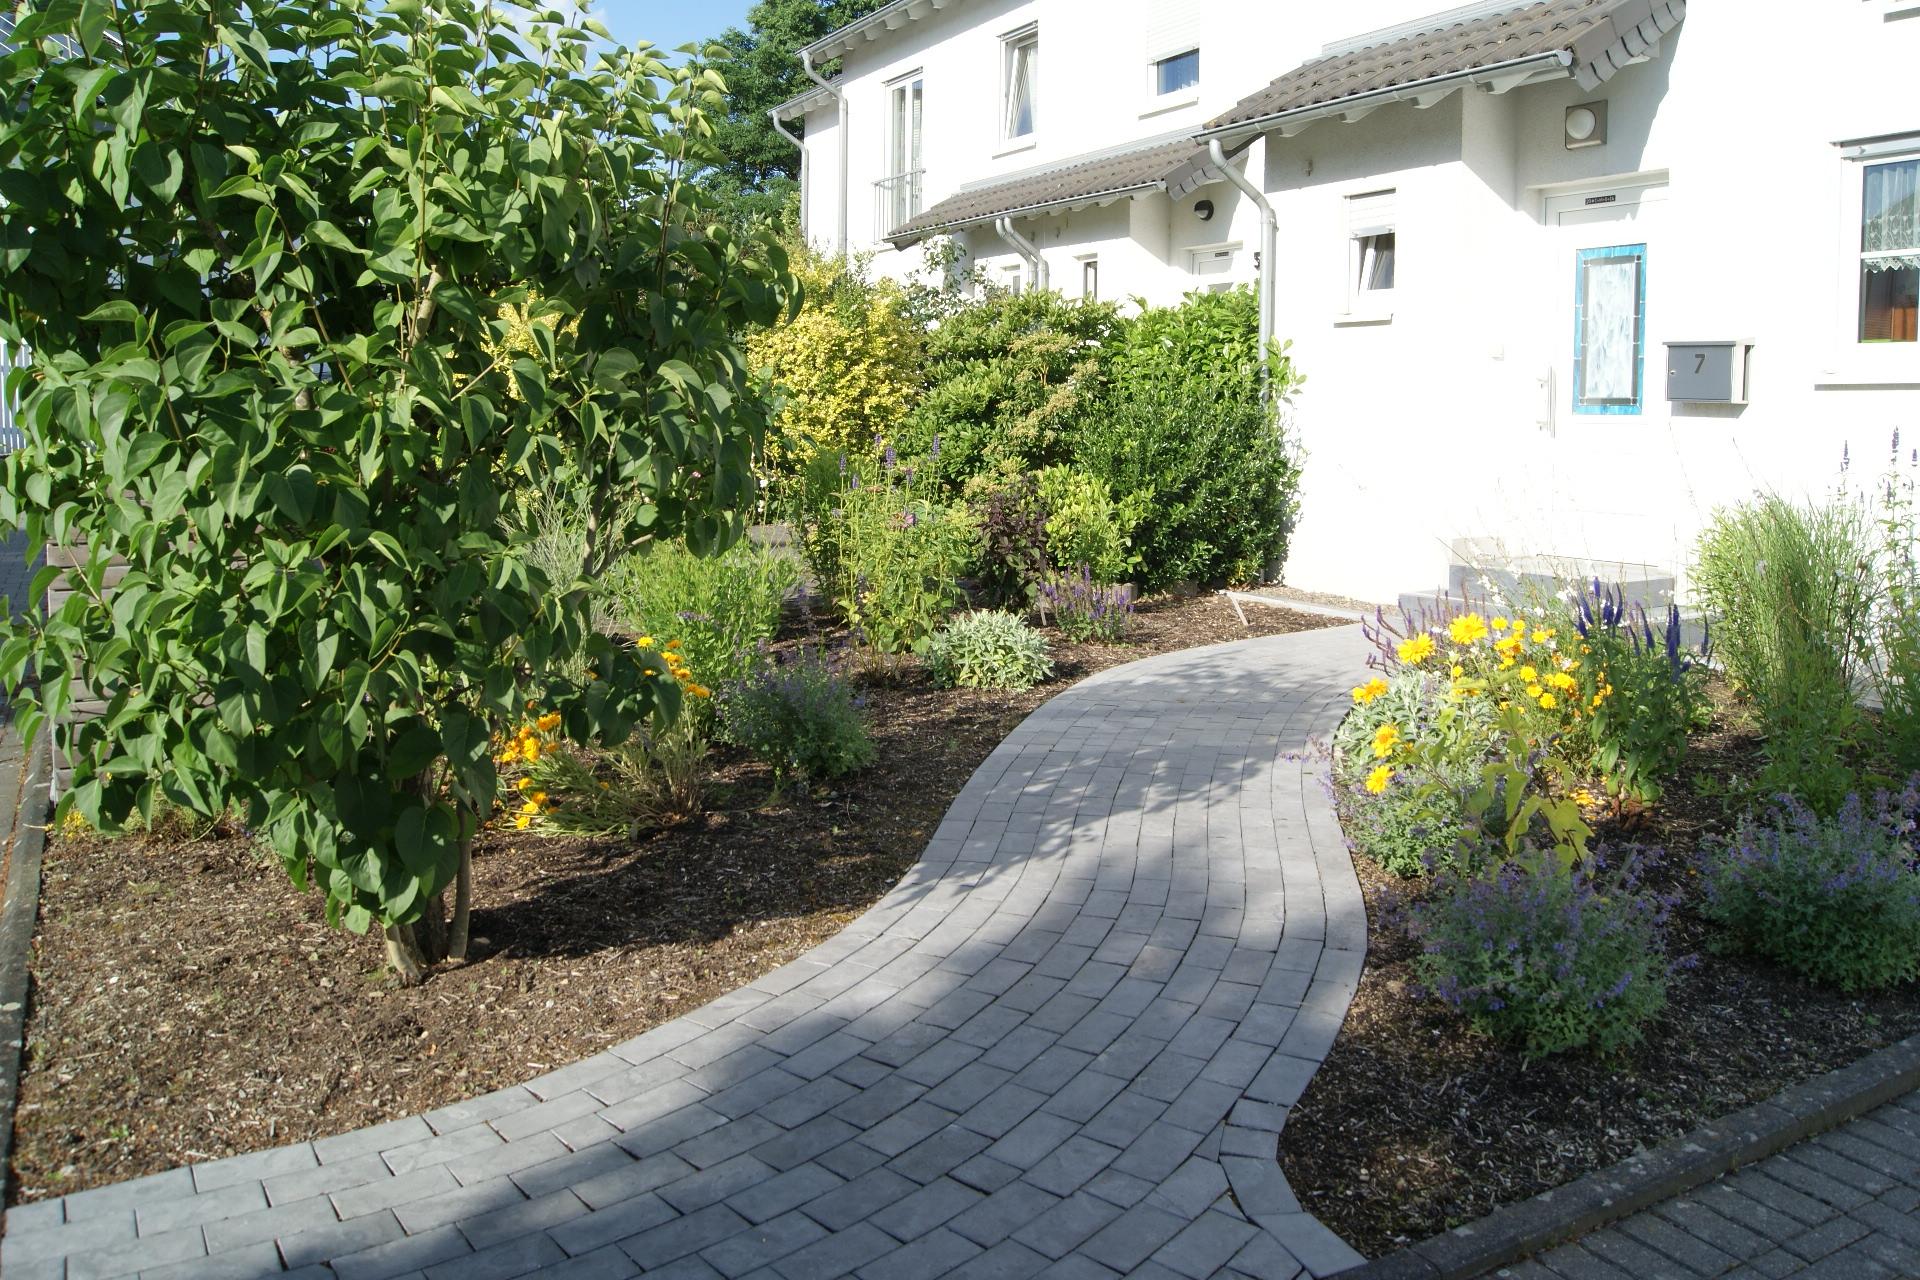 Gartenschönmacher Galerie: Betonsteinarbeiten, Landschaftsarchitektur Aachen